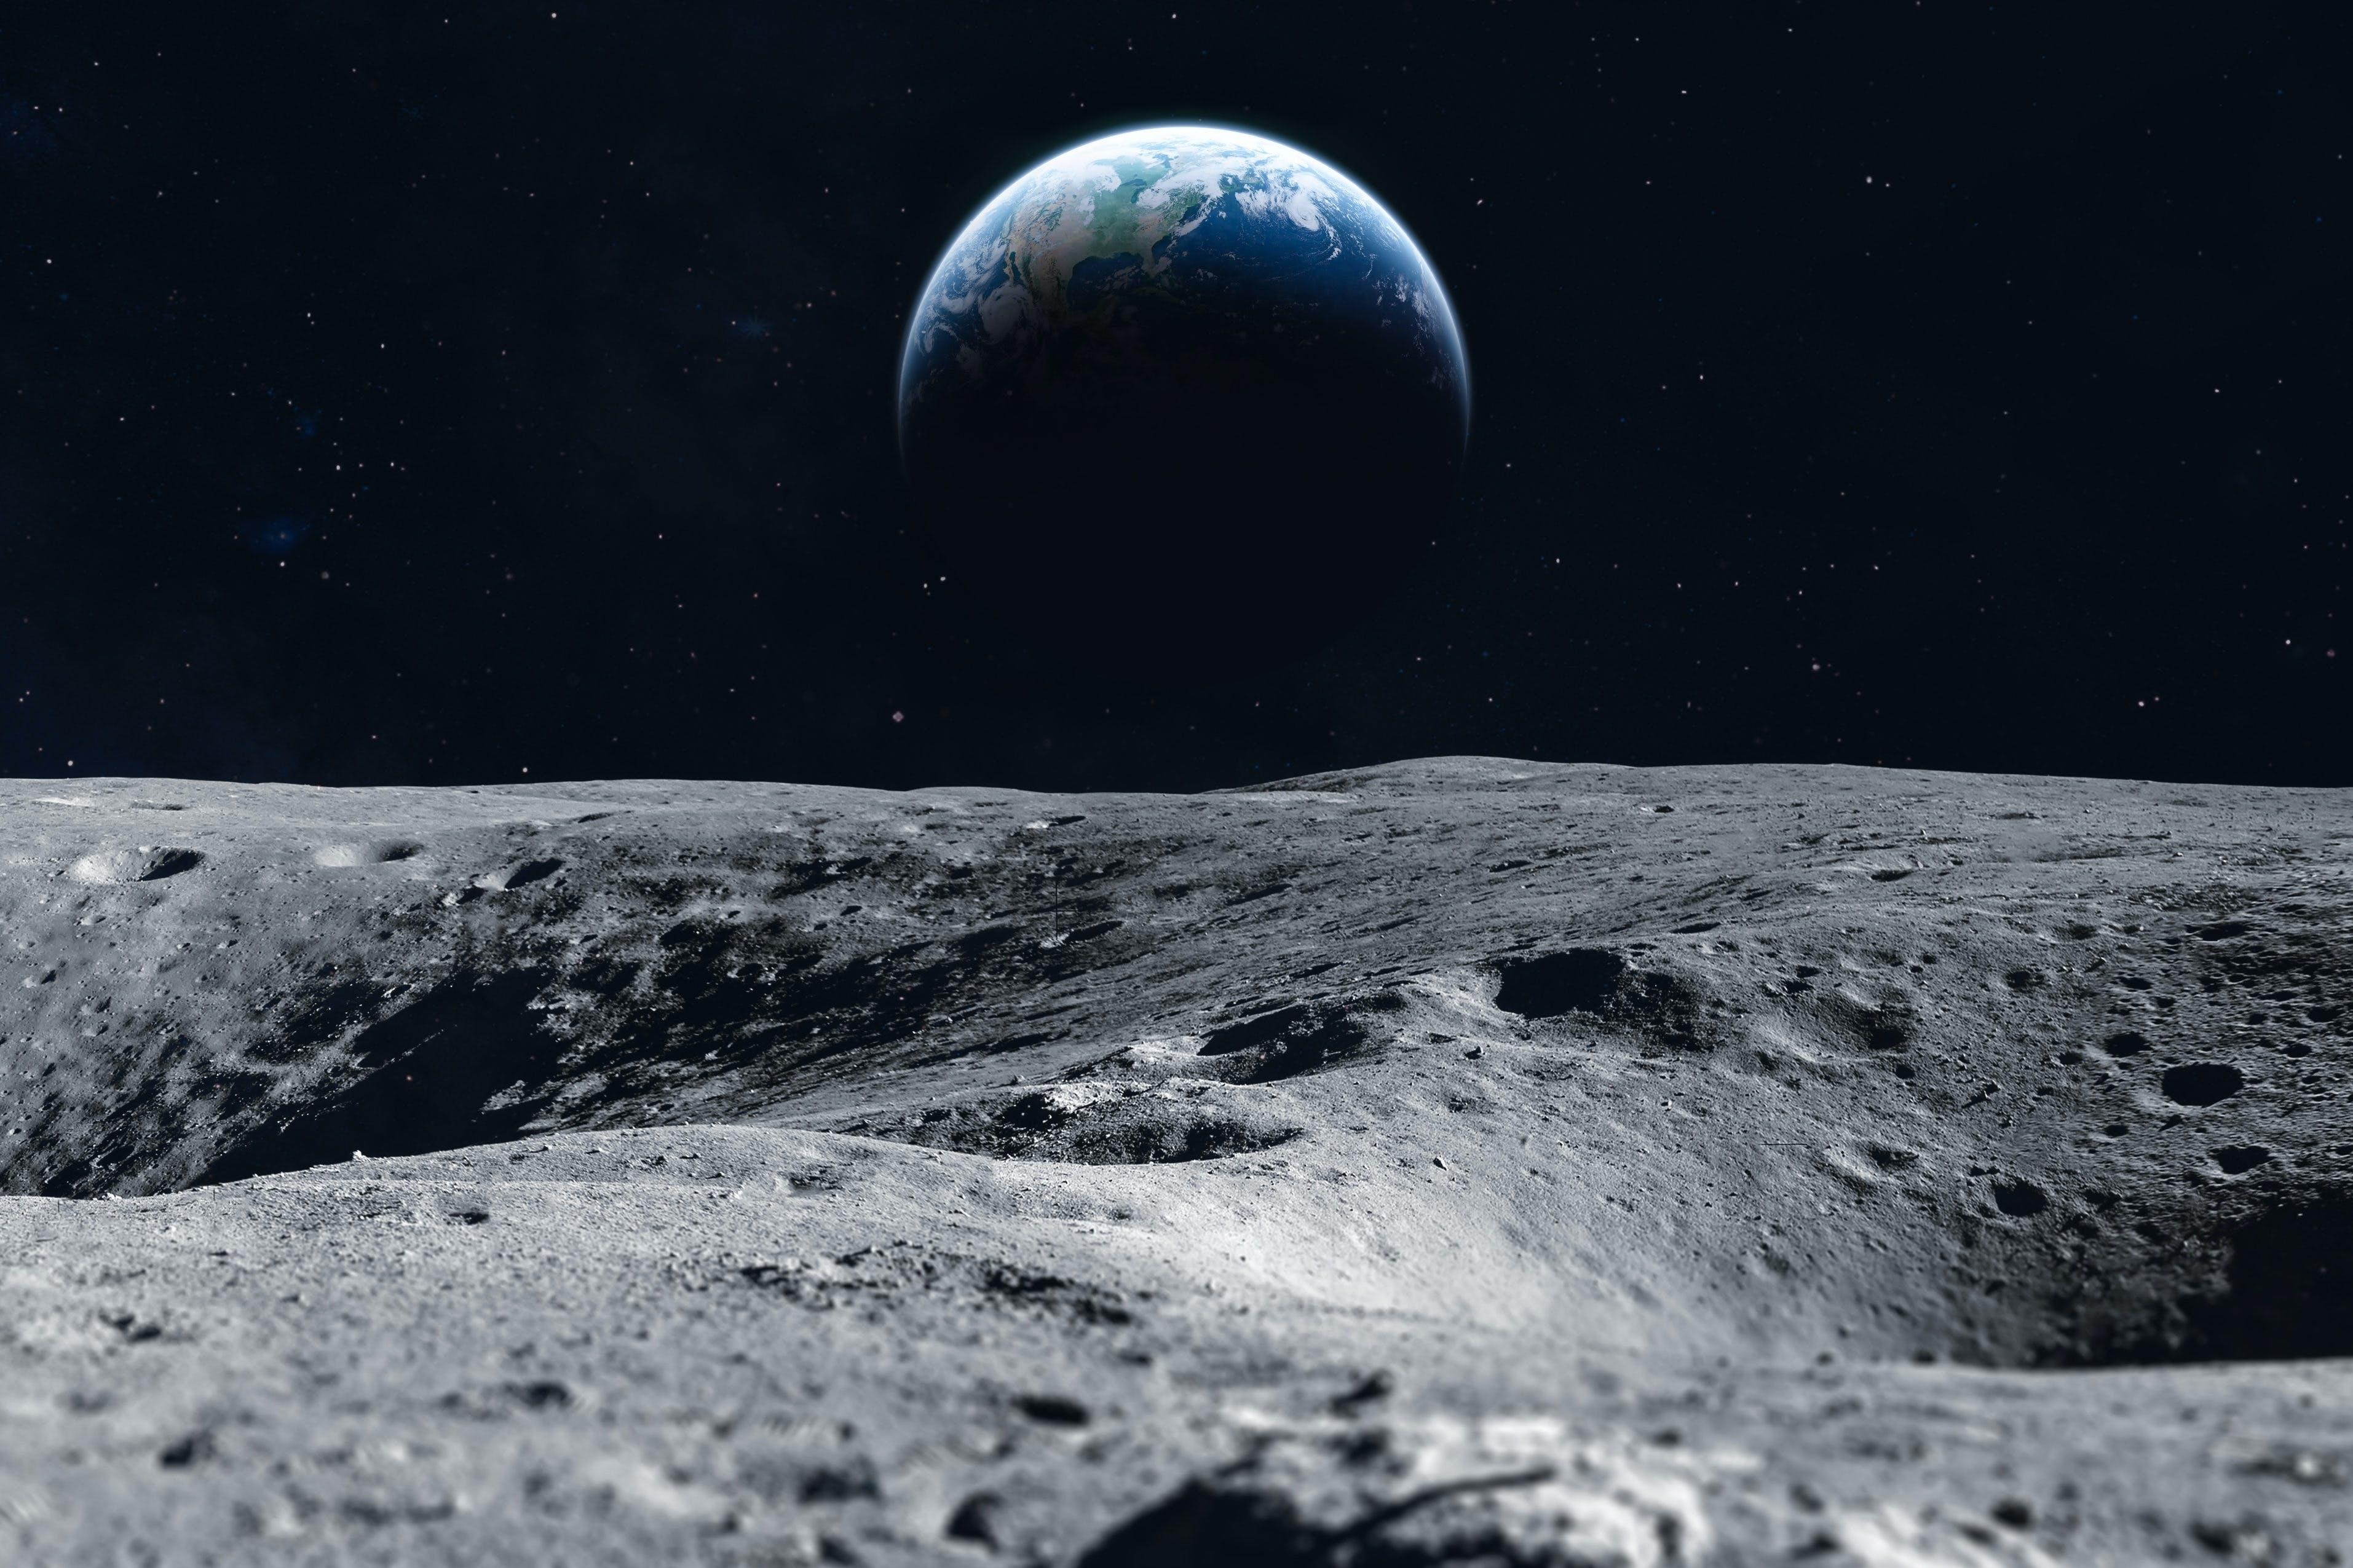 Månen - människor på månen